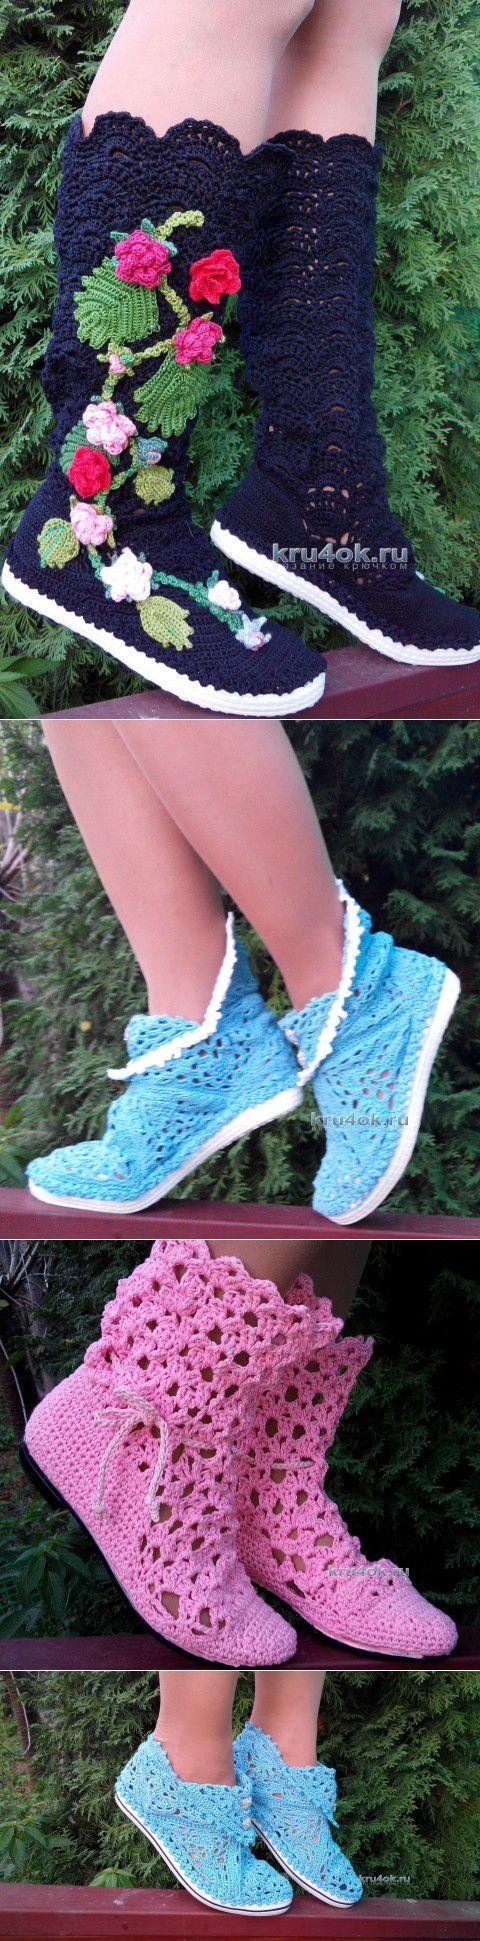 kru4ok.ru | crochet | Pinterest | Zapatos tejidos, Botas y Zapatillas